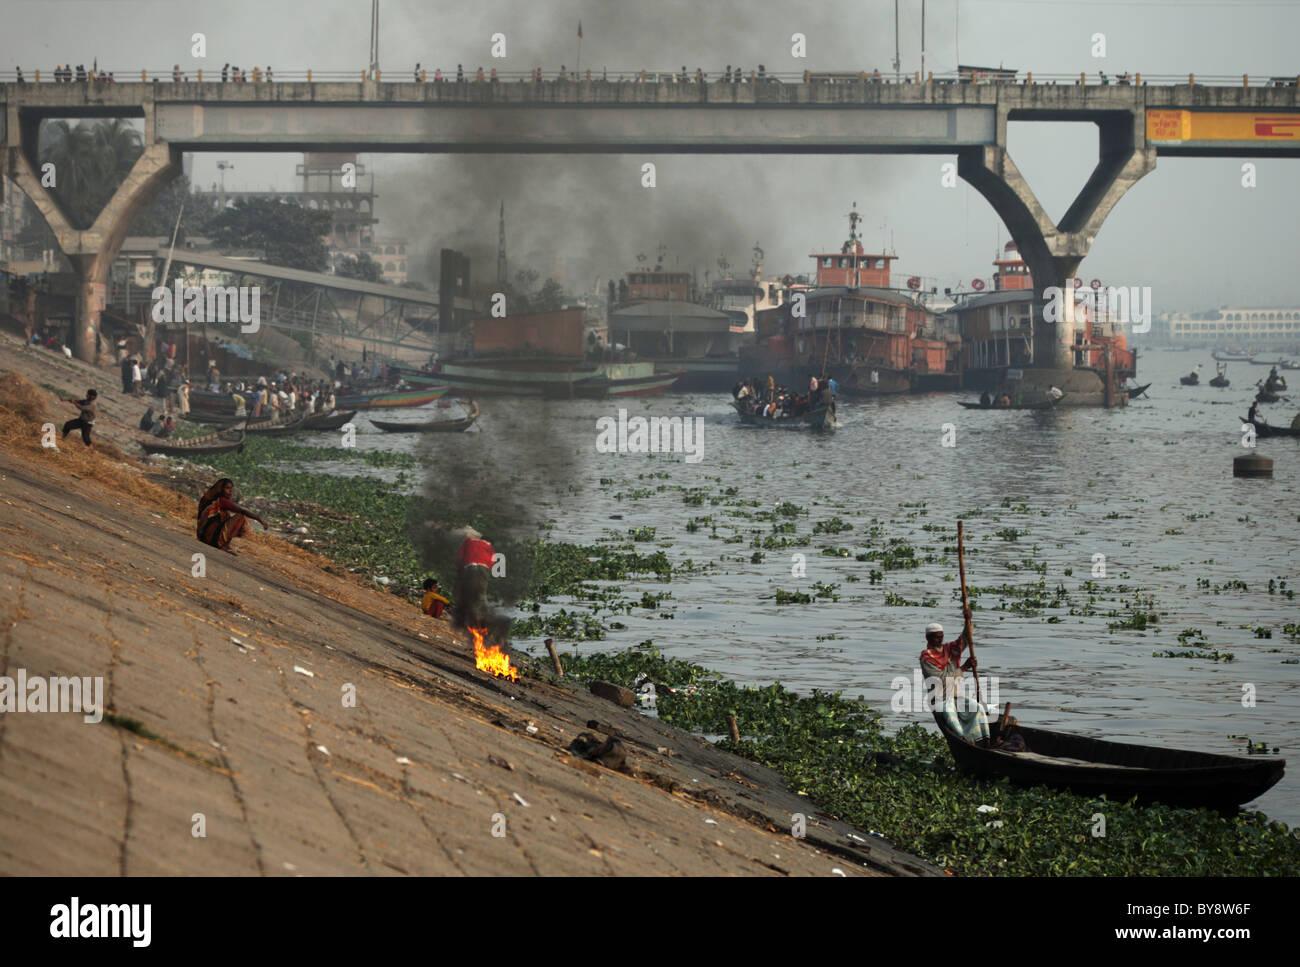 Bridge in Dhaka Bangladesh - Stock Image